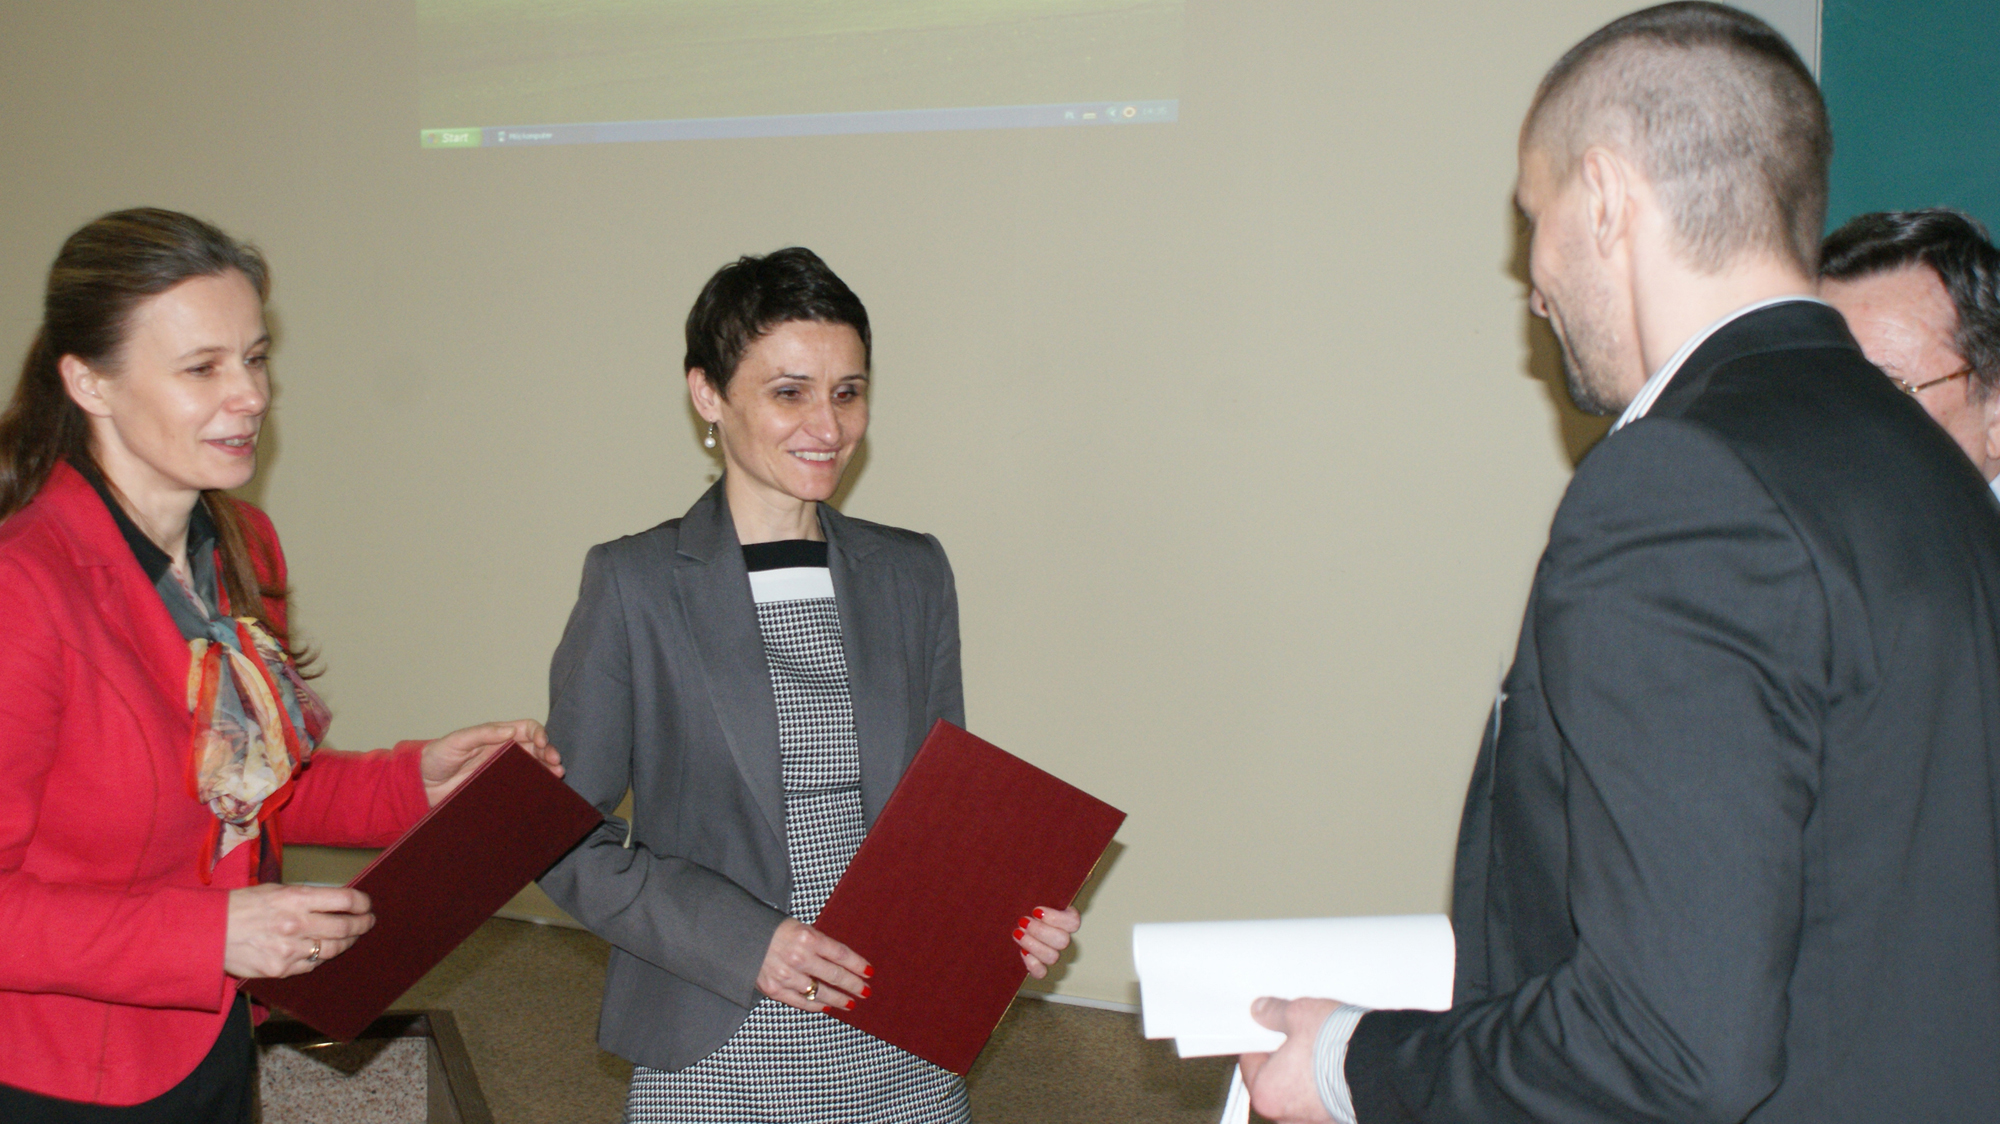 I nagroda - Dorota Cebulak, Jolanta Wydmuch